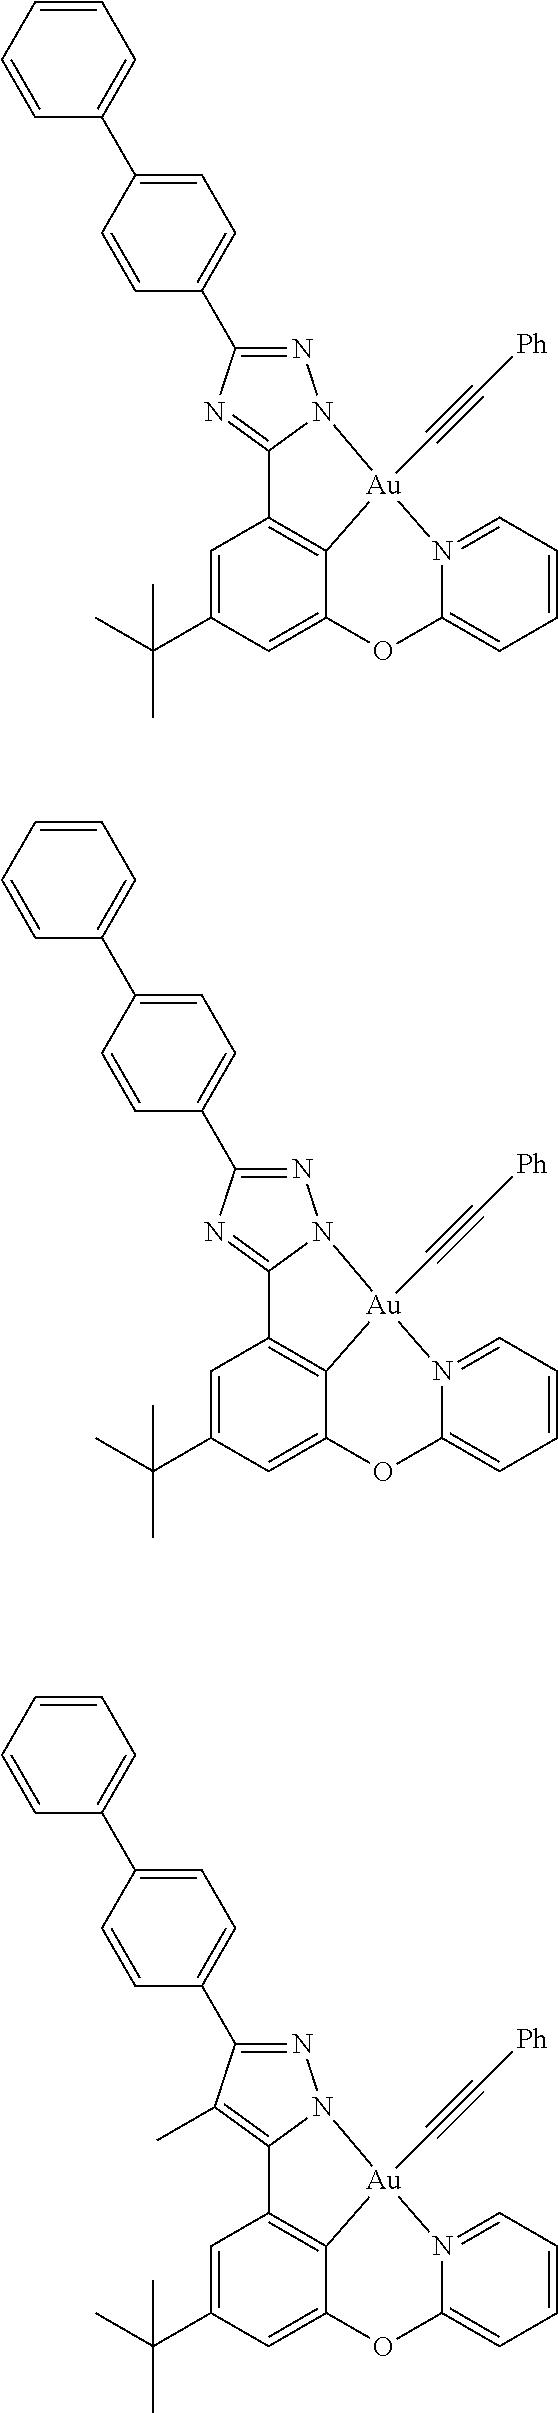 Figure US09818959-20171114-C00560